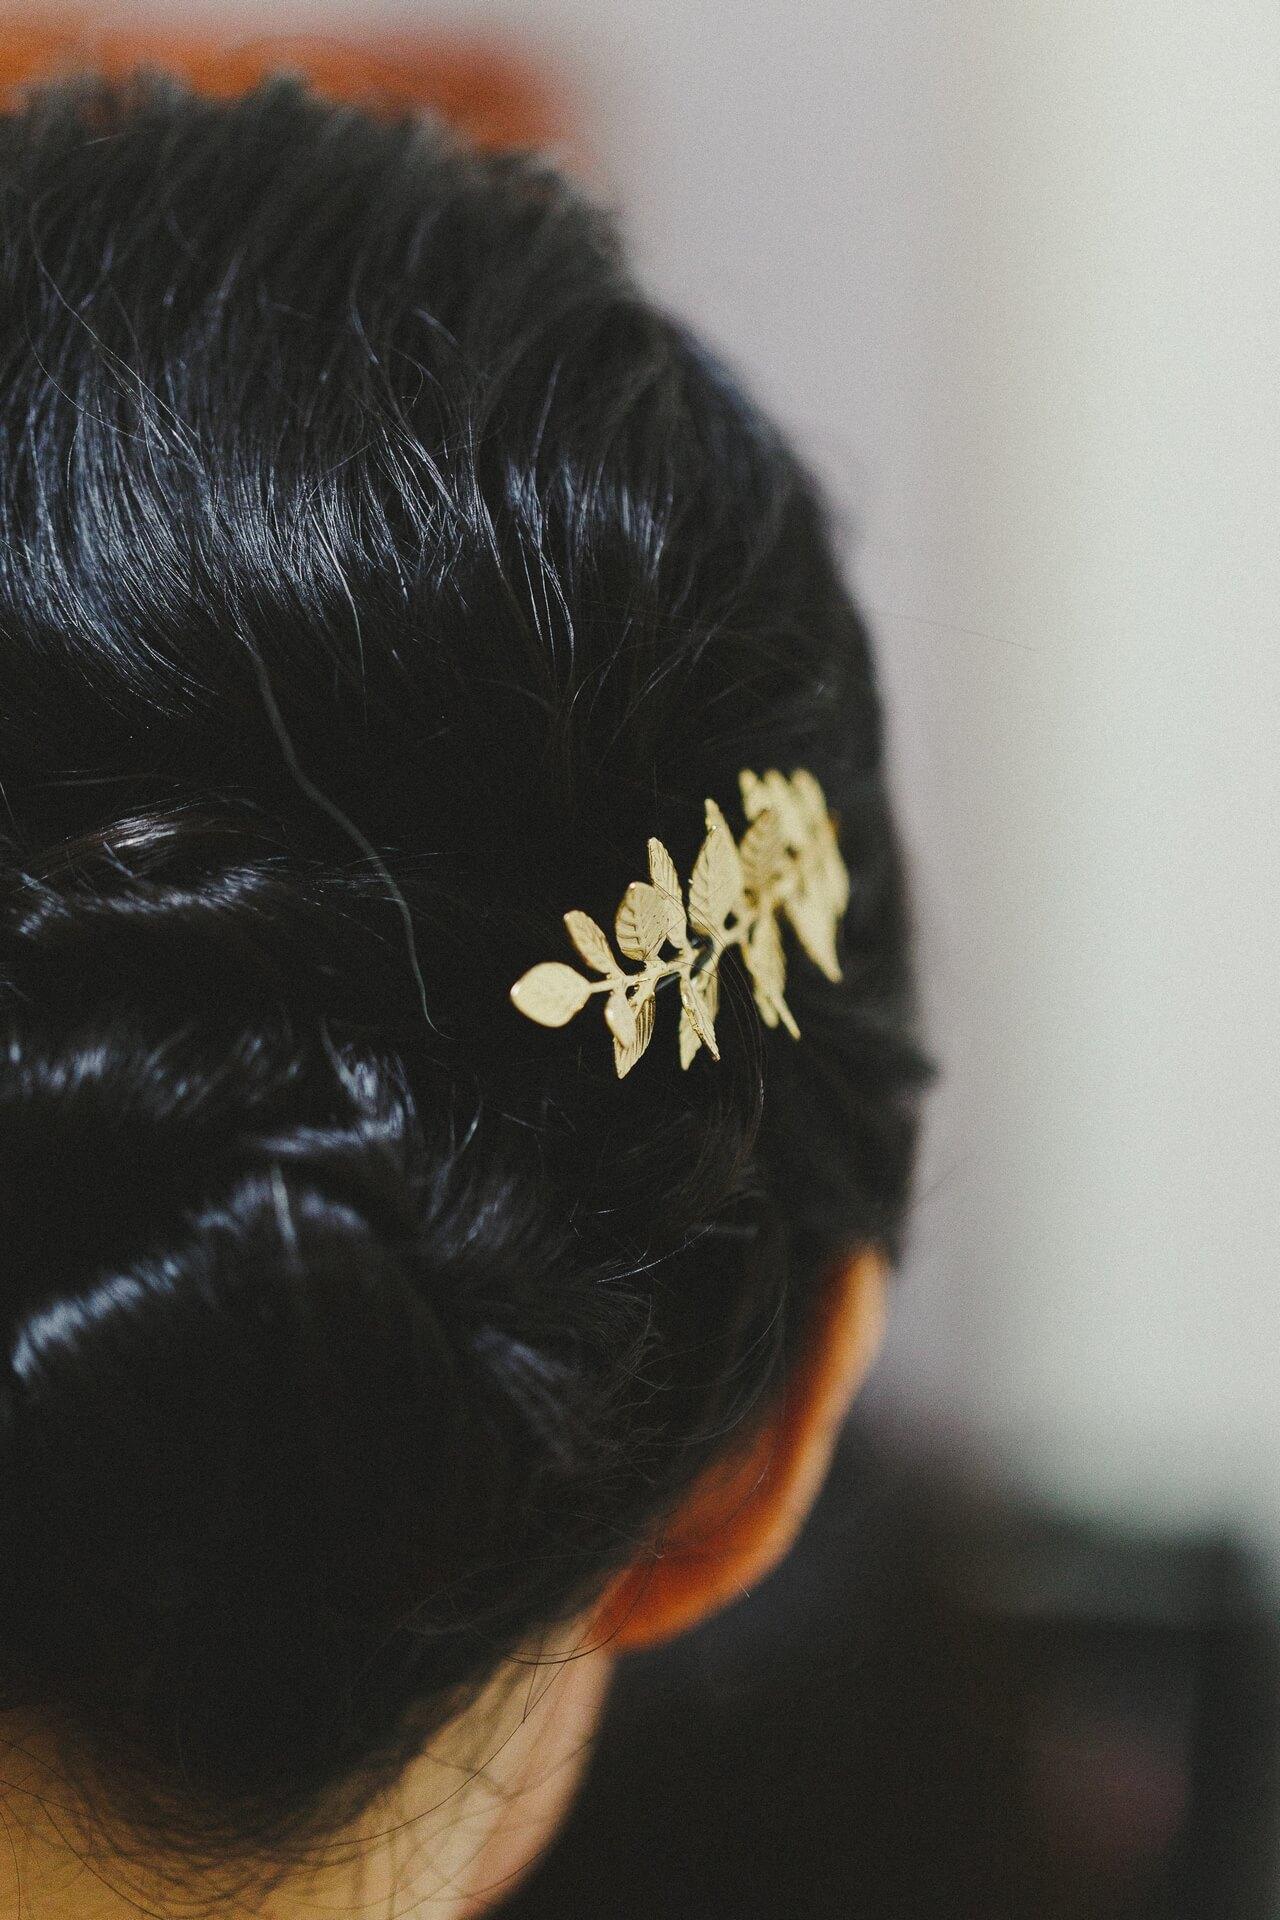 max fine art  攝影工作室 最佳婚禮紀錄推薦 海外婚禮推薦 底片風格 戶外婚禮推薦 台北婚攝 婚攝推薦 推薦婚攝 - 0004.jpg